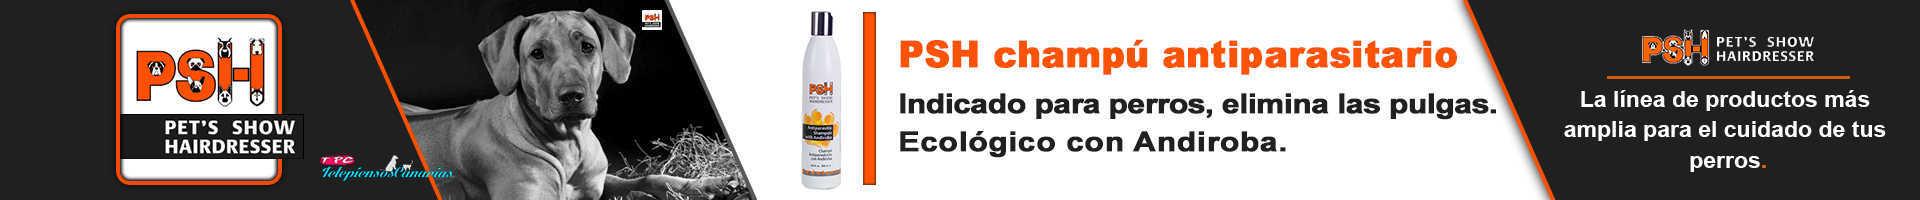 PSH champú antiparasitario elimina pulgas y garrapatas de los perros